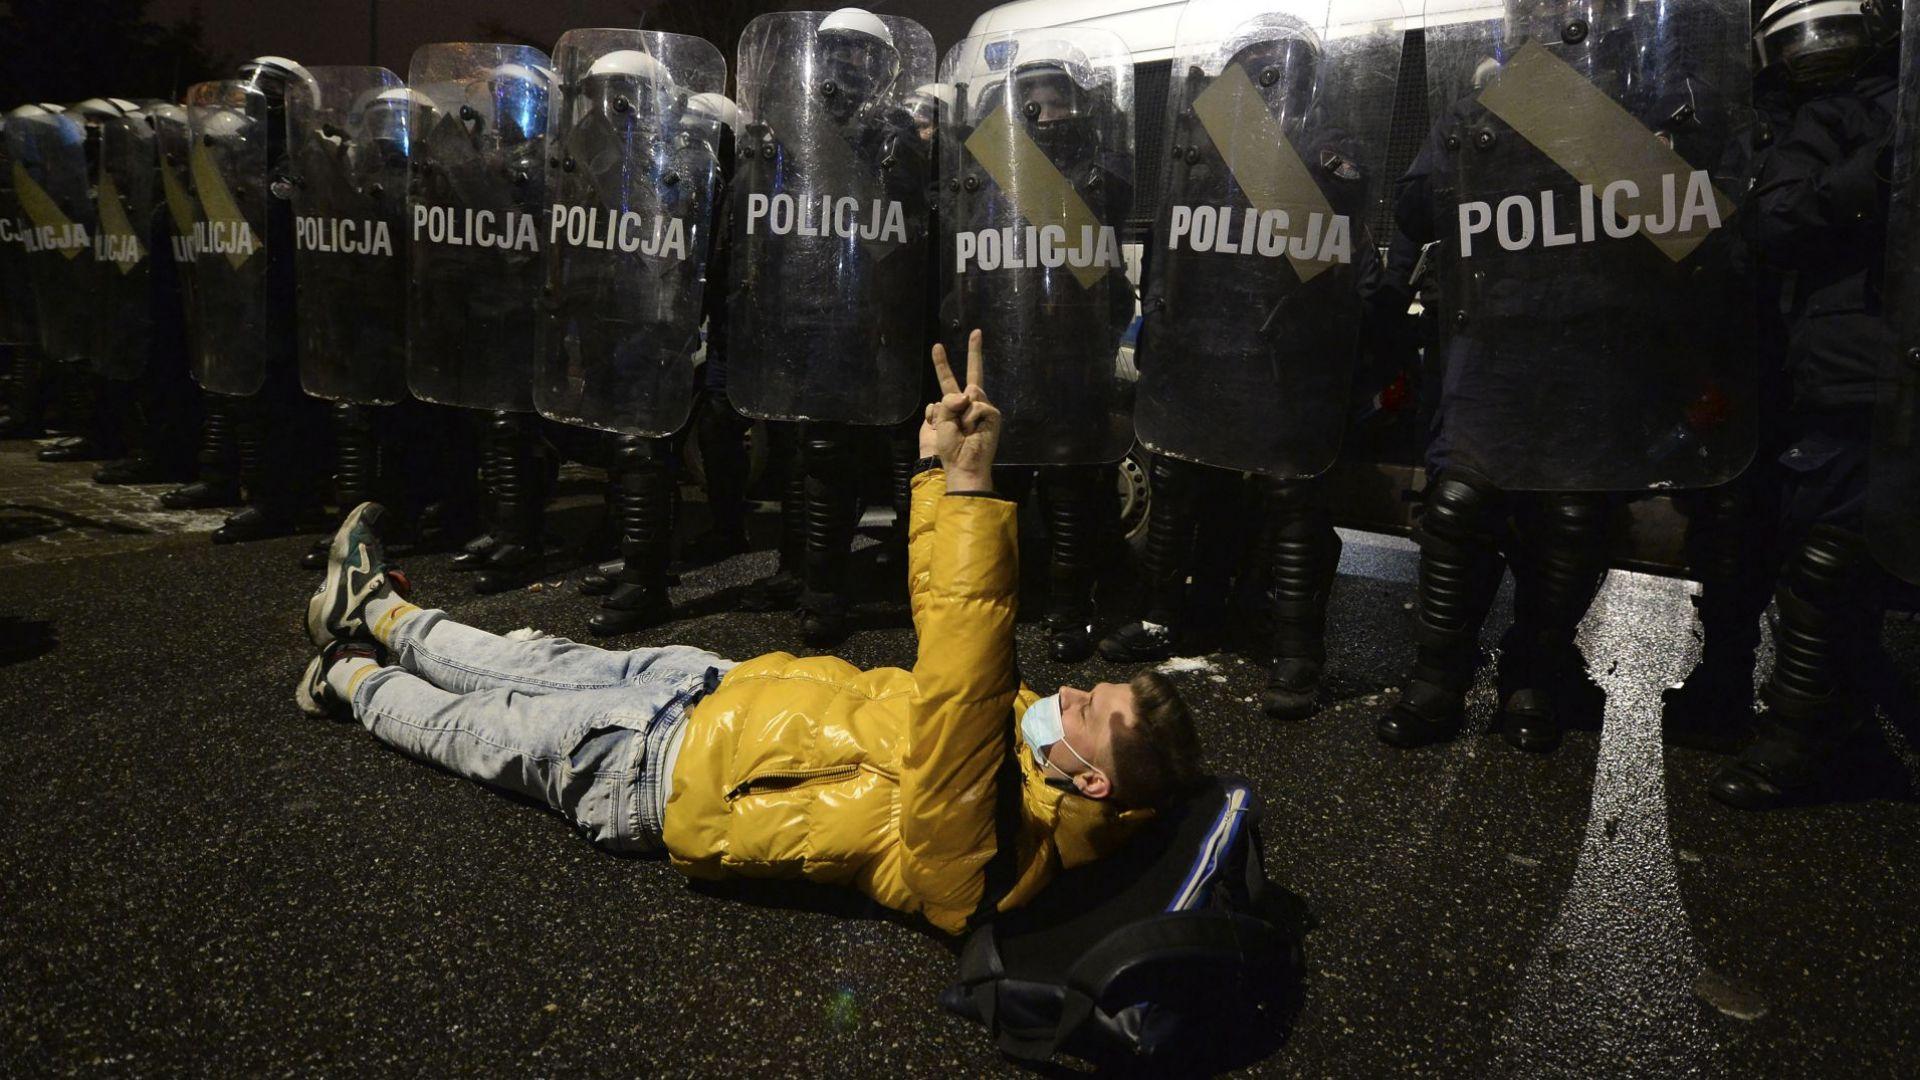 Пуснаха сълзотворен газ на протестиращите срещу забраната за аборт в Полша (снимки)